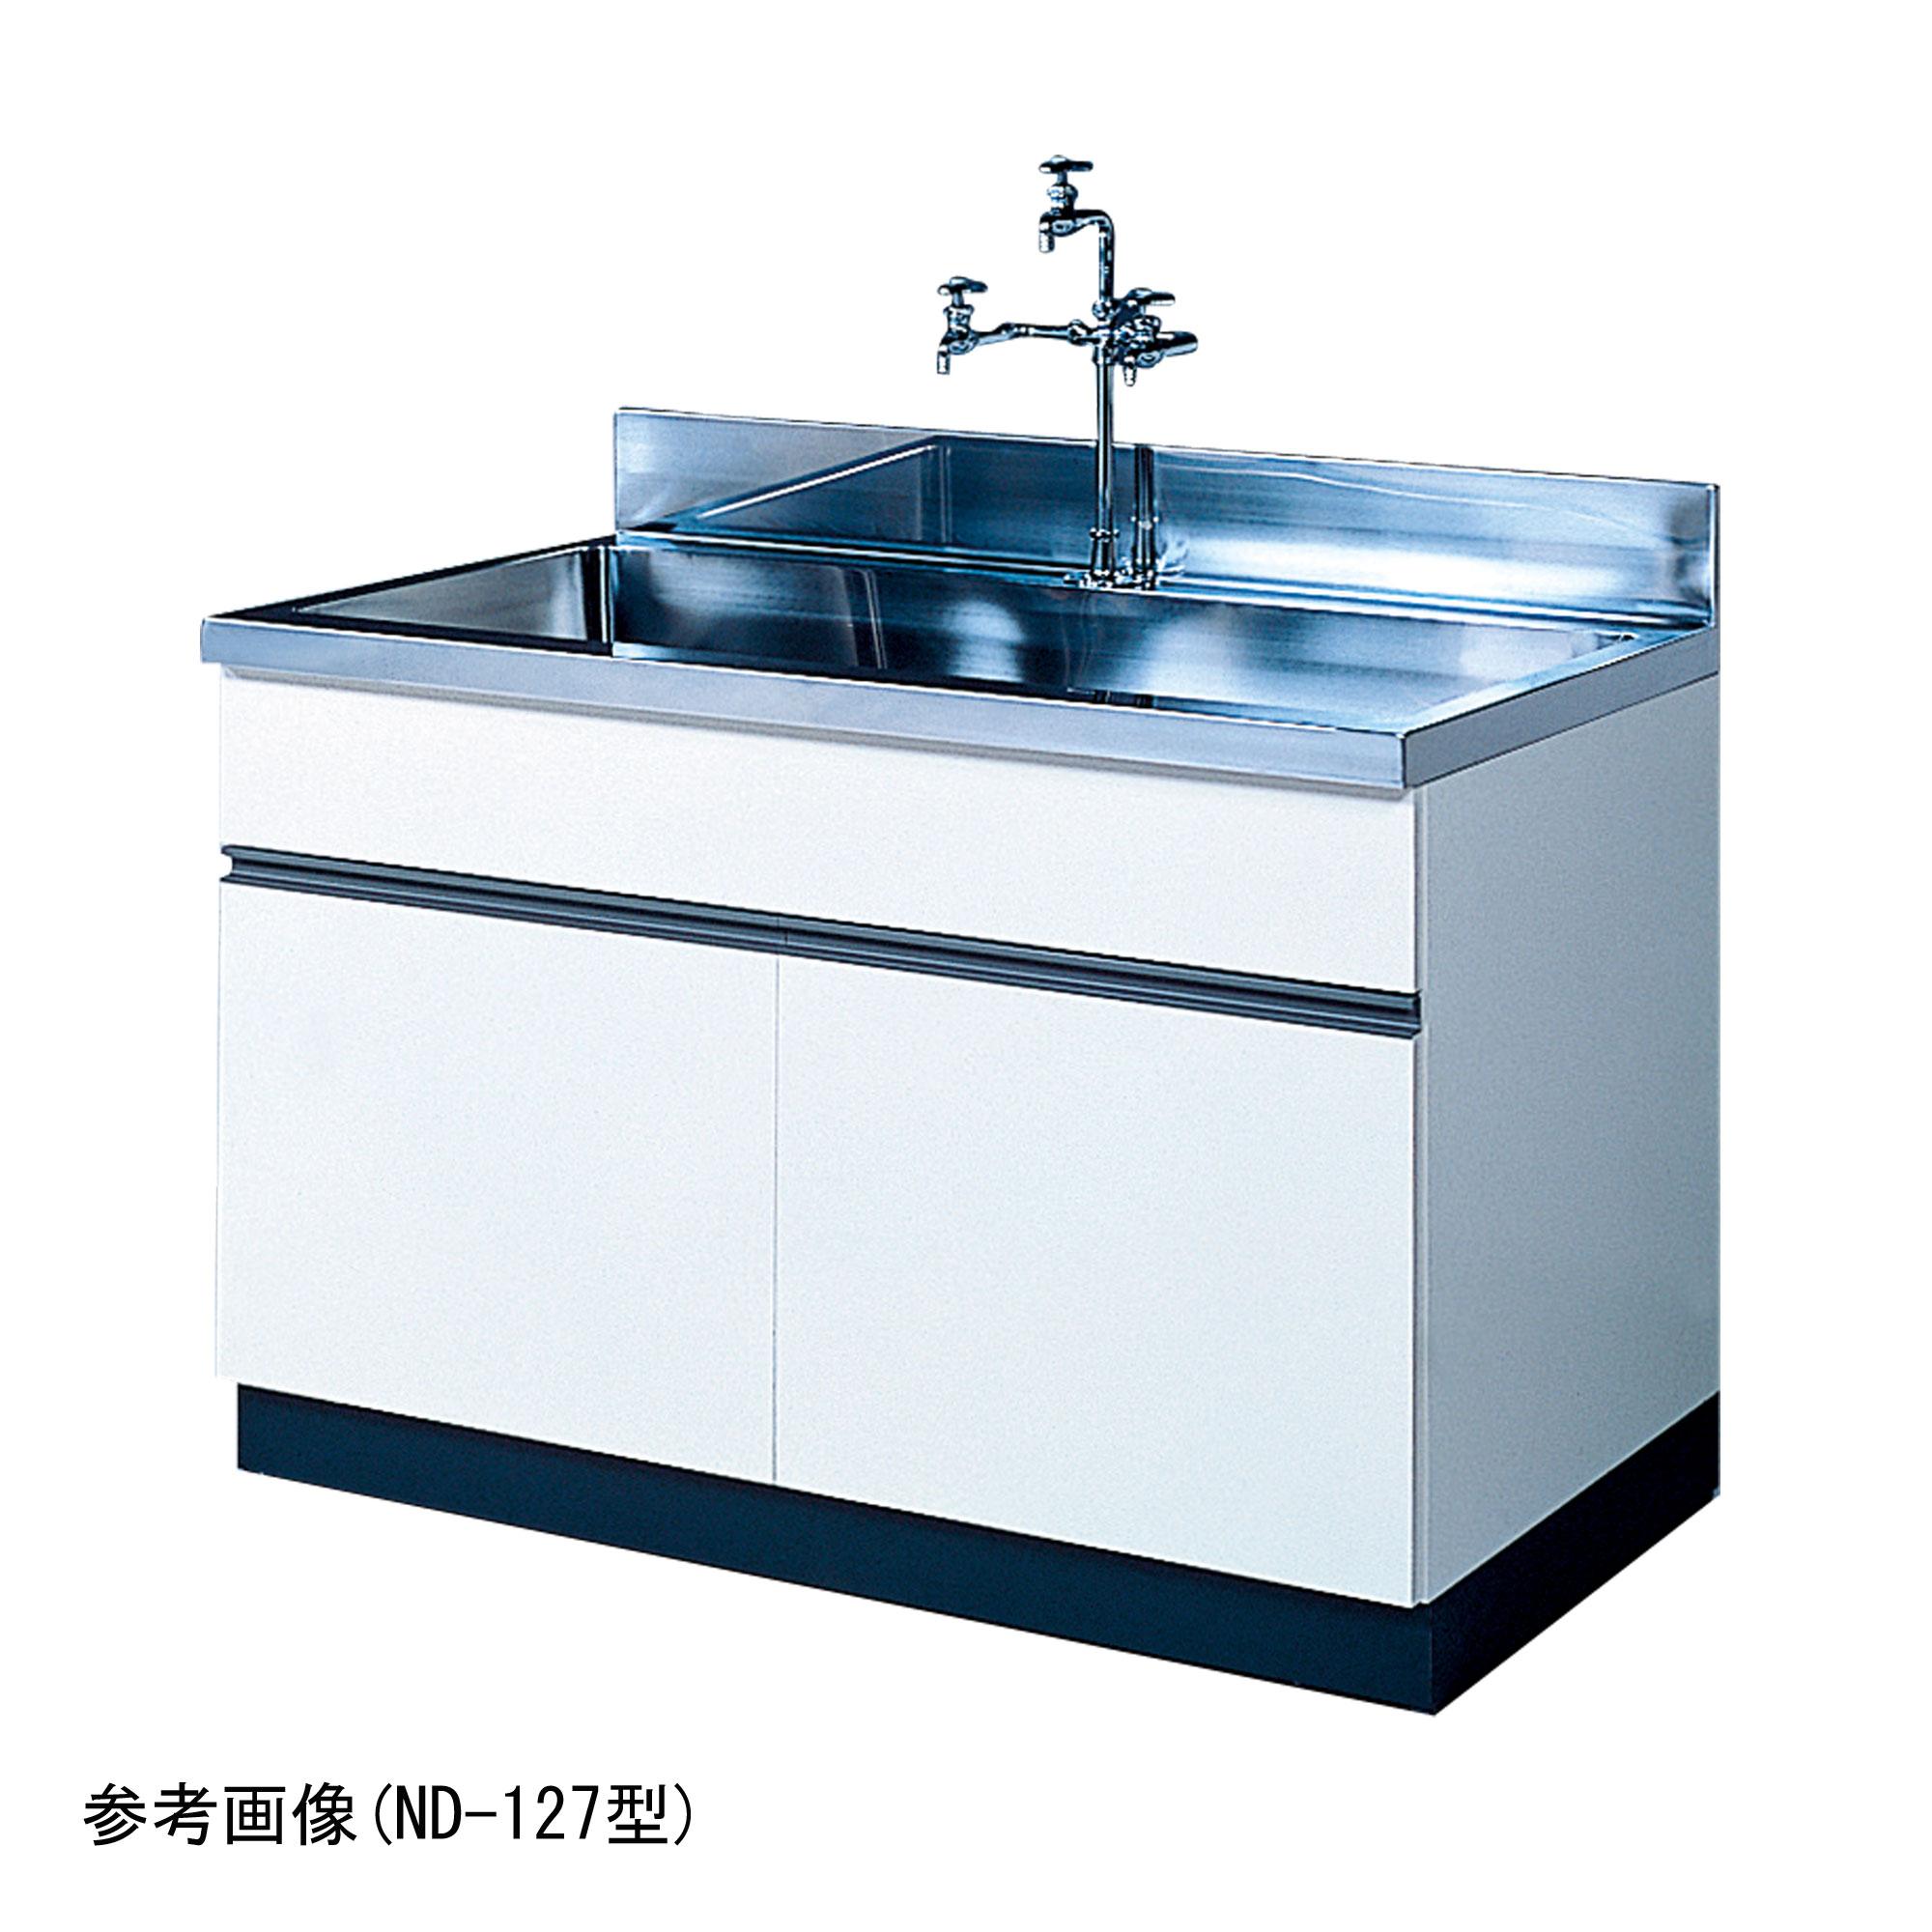 流し台  ND型  (大型水槽)